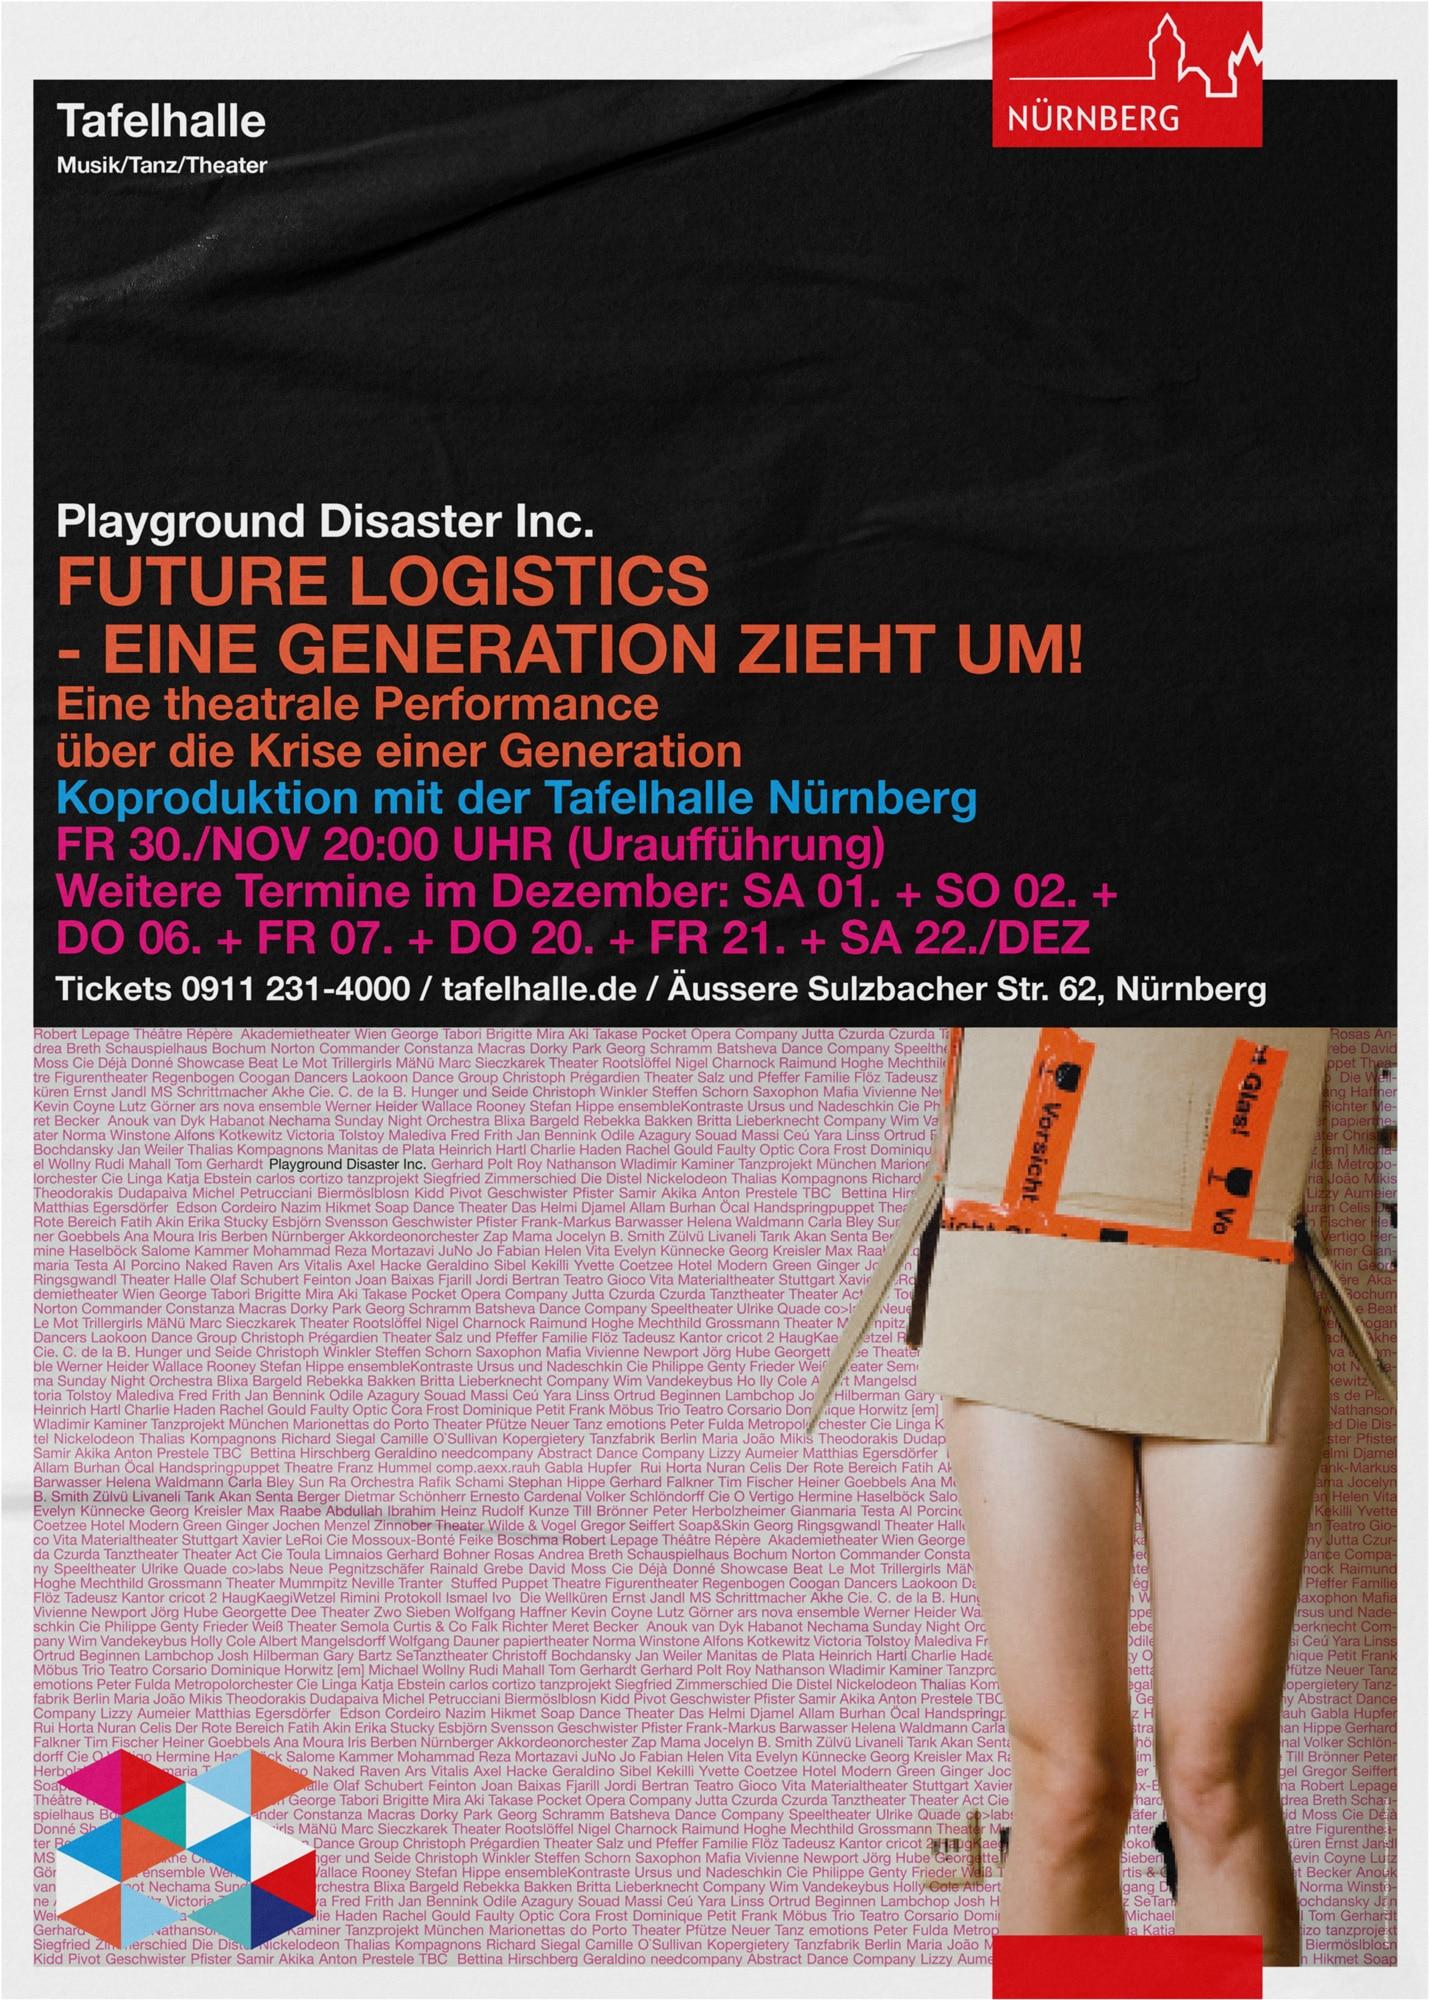 planx-CorporateDesign-Tafelhalle-12-13-Plakat-s04